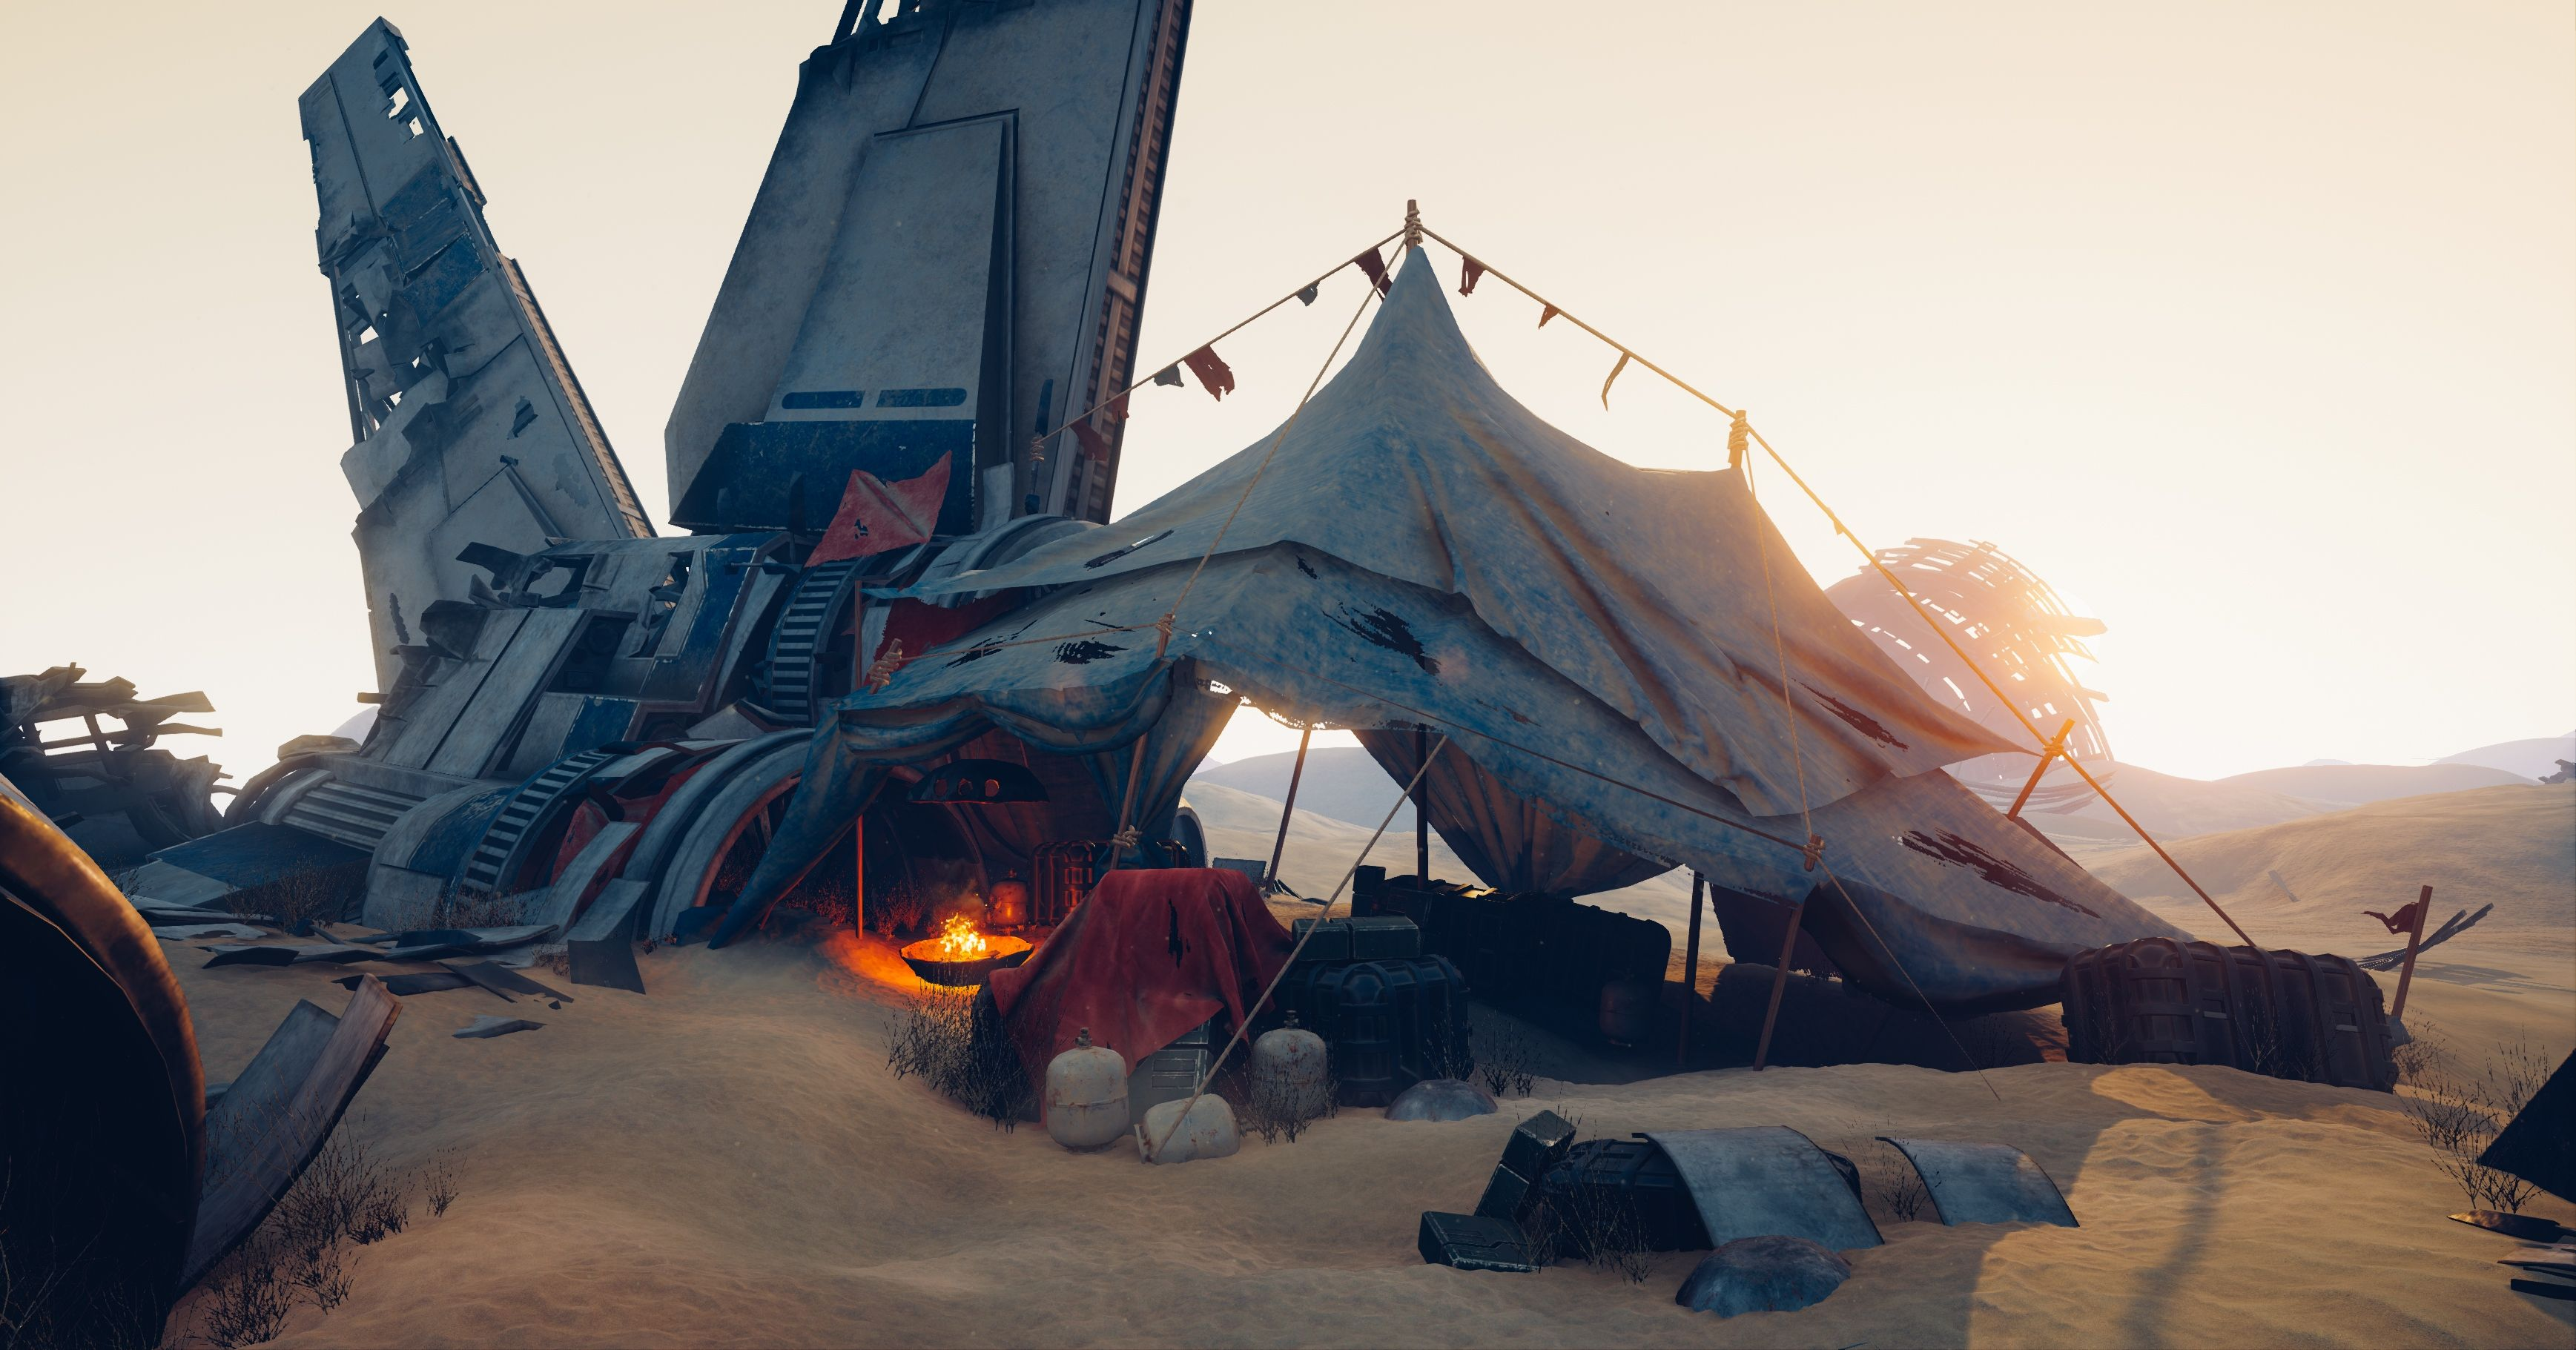 Image result for concept art dessert scifi tent & Image result for concept art dessert scifi tent | Sci-Fi Desert ...